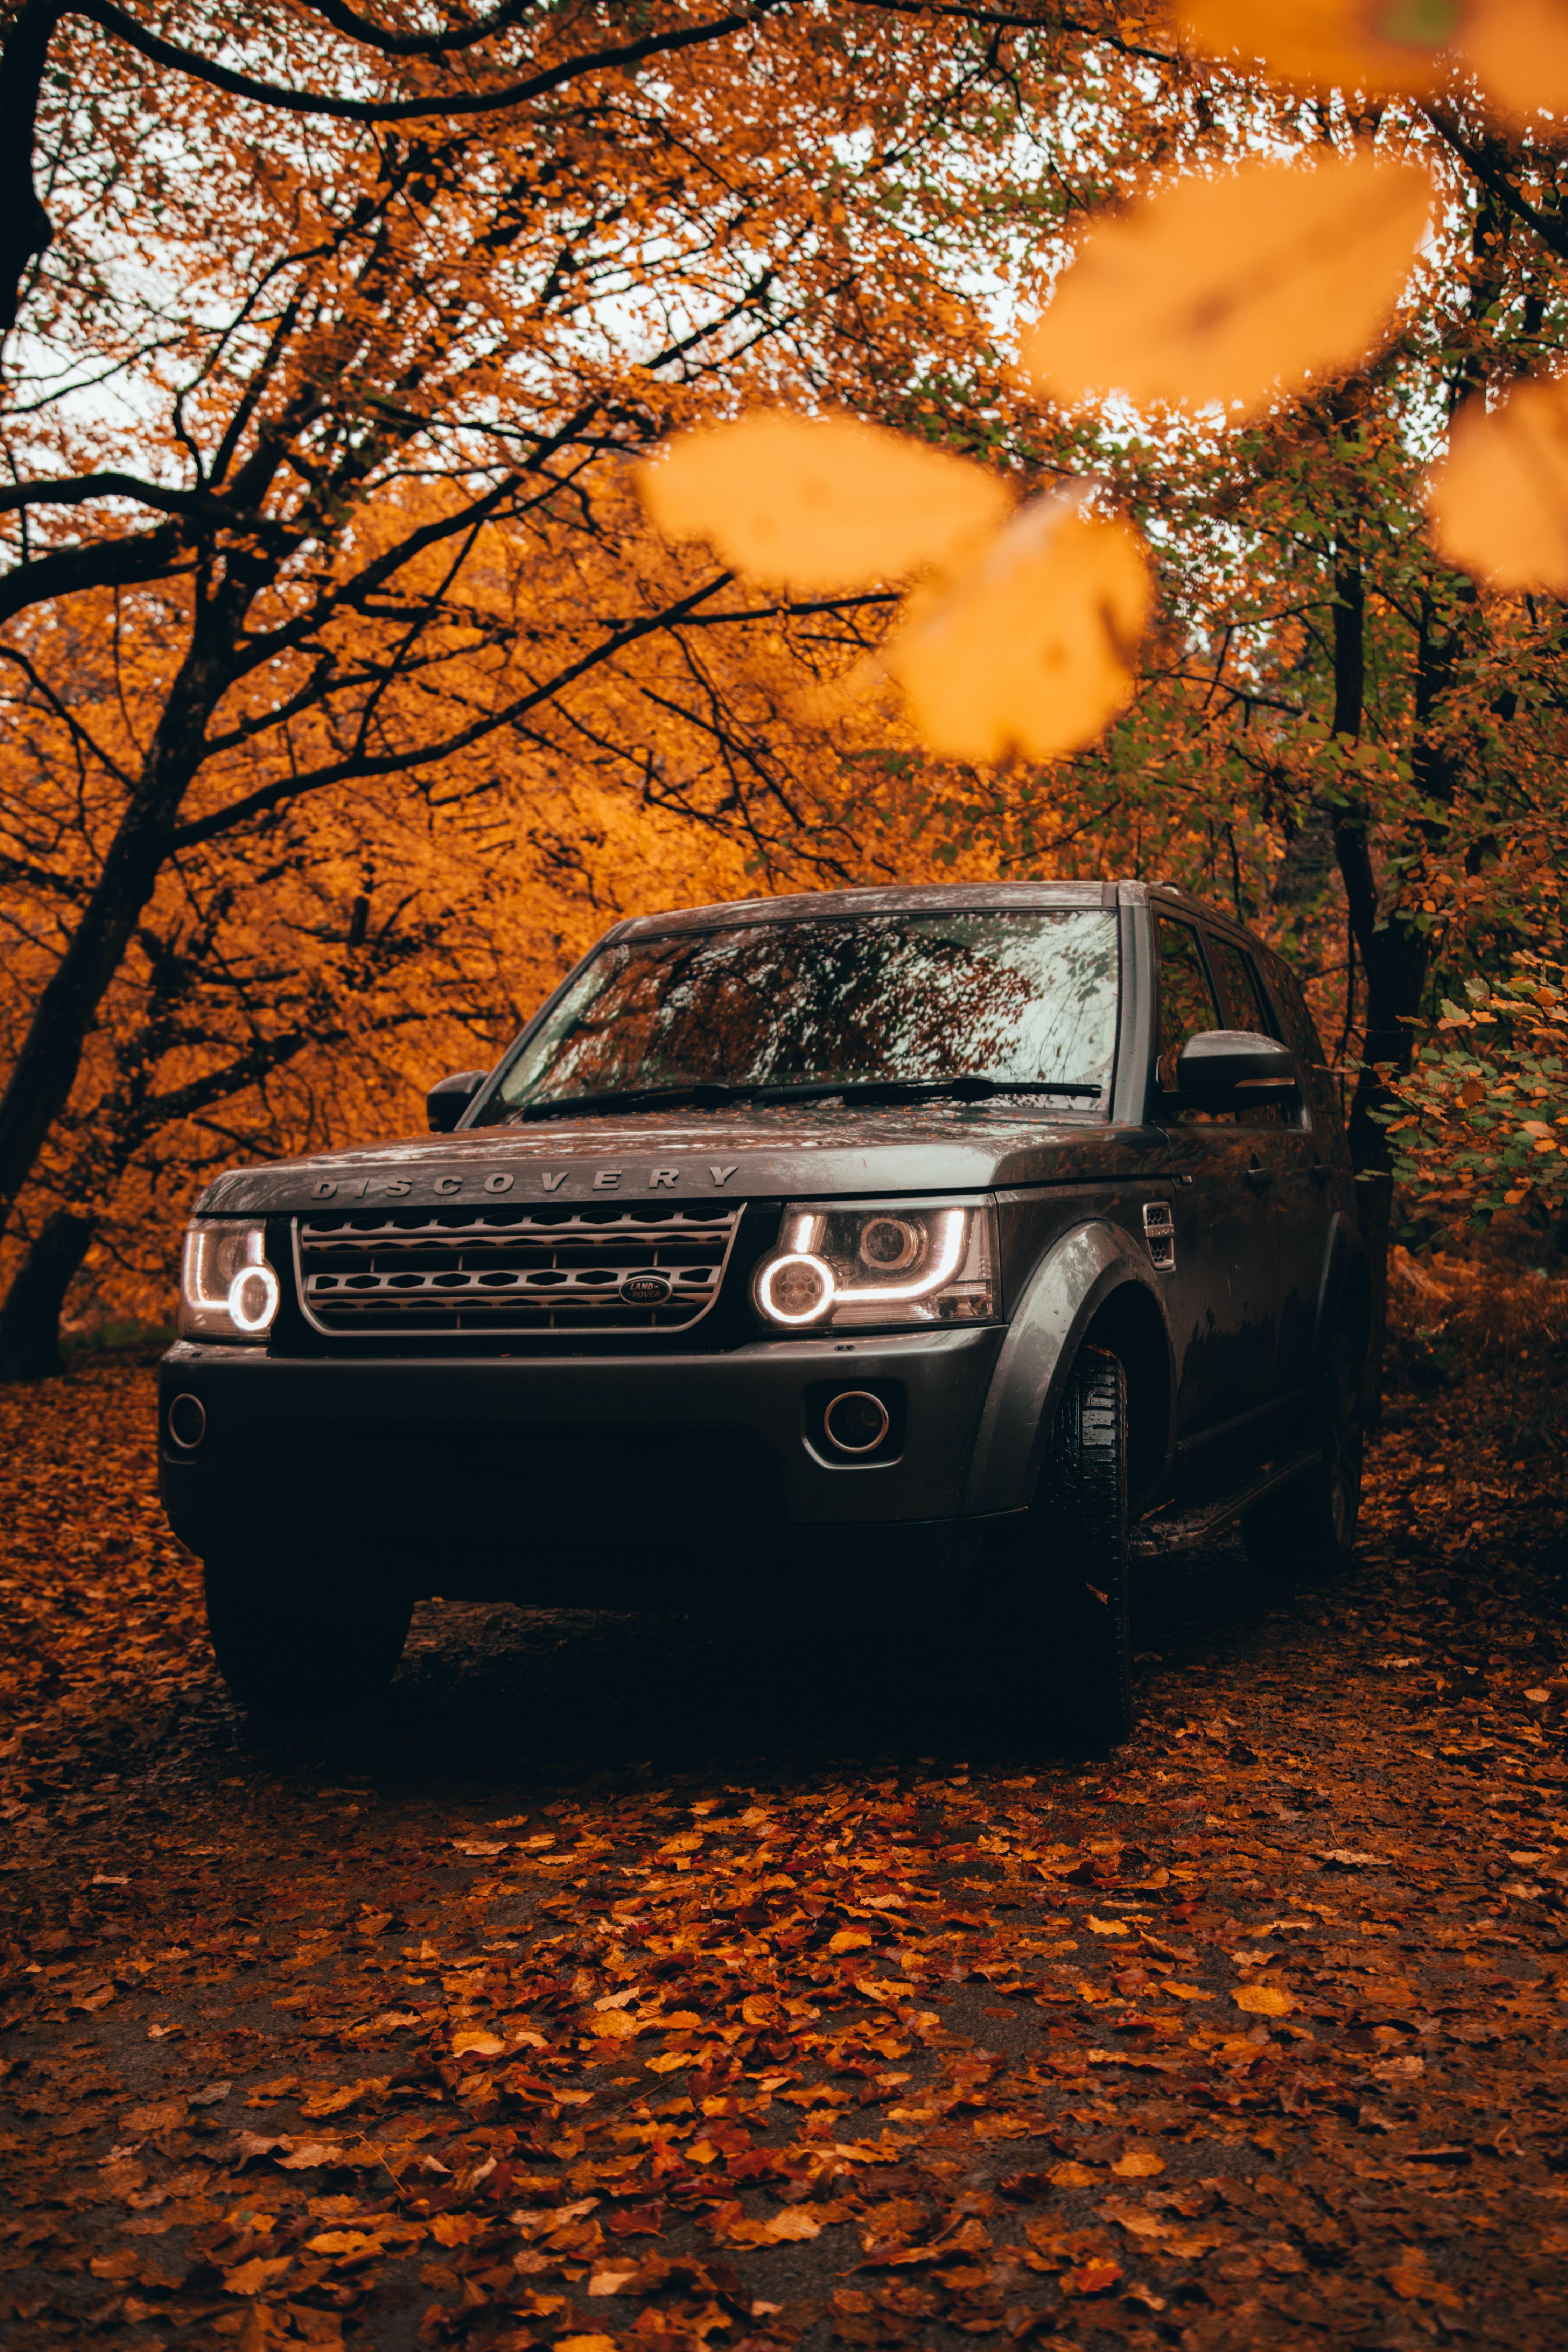 78728 Заставки и Обои Вид Спереди на телефон. Скачать Ленд Ровер (Land Rover), Автомобиль, Вид Спереди, Тачки (Cars), Внедорожник, Серый, Land Rover Discovery картинки бесплатно